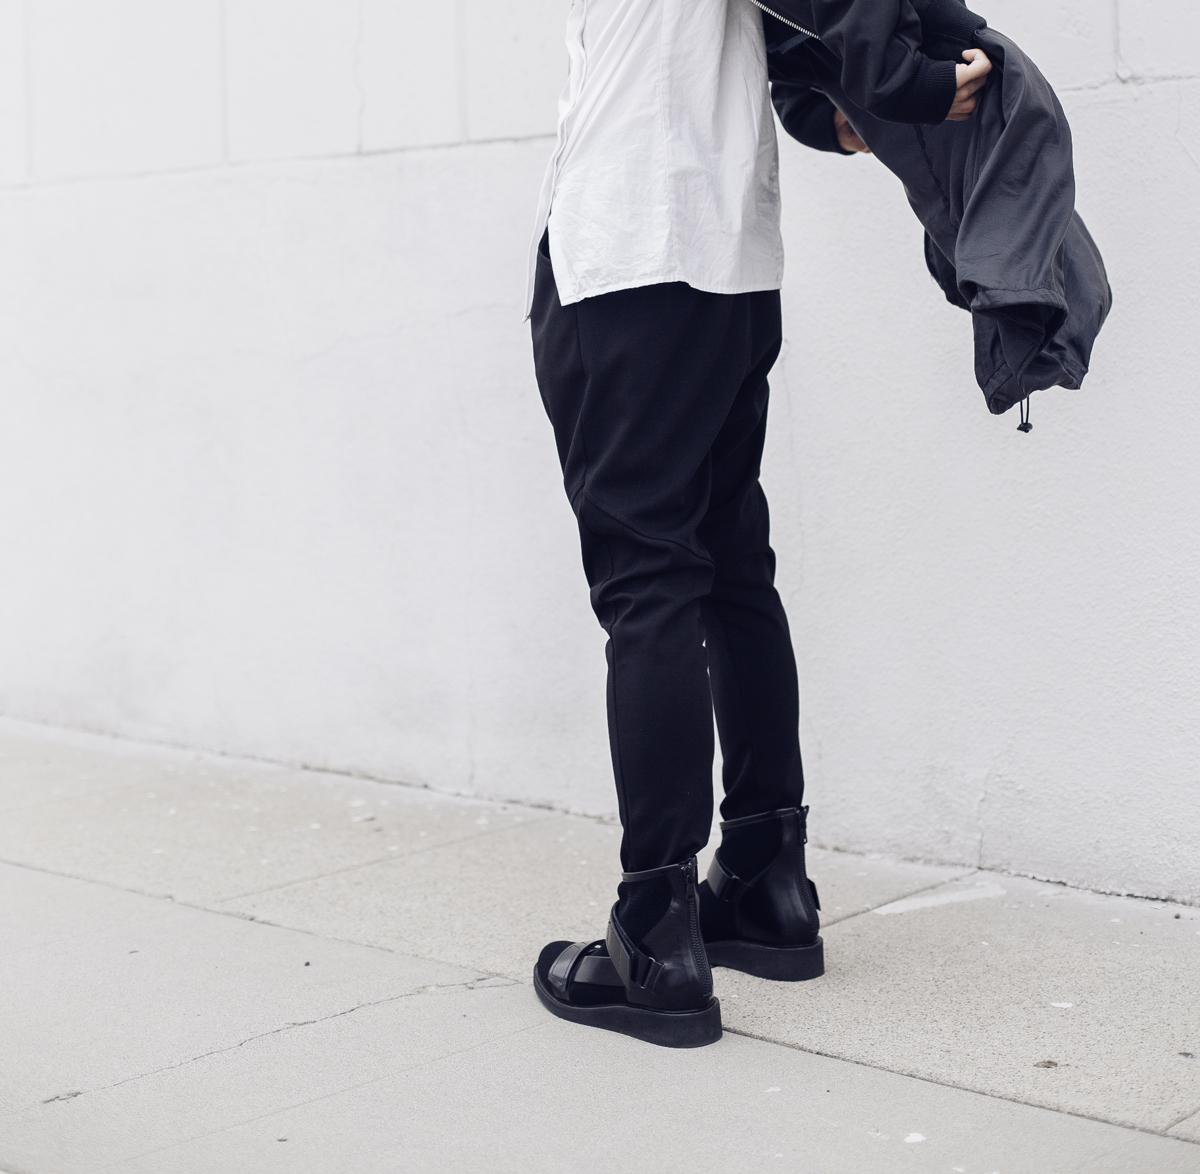 mybelonging-phillip-lim-shoes-streetstyle-highfashion-2.jpg